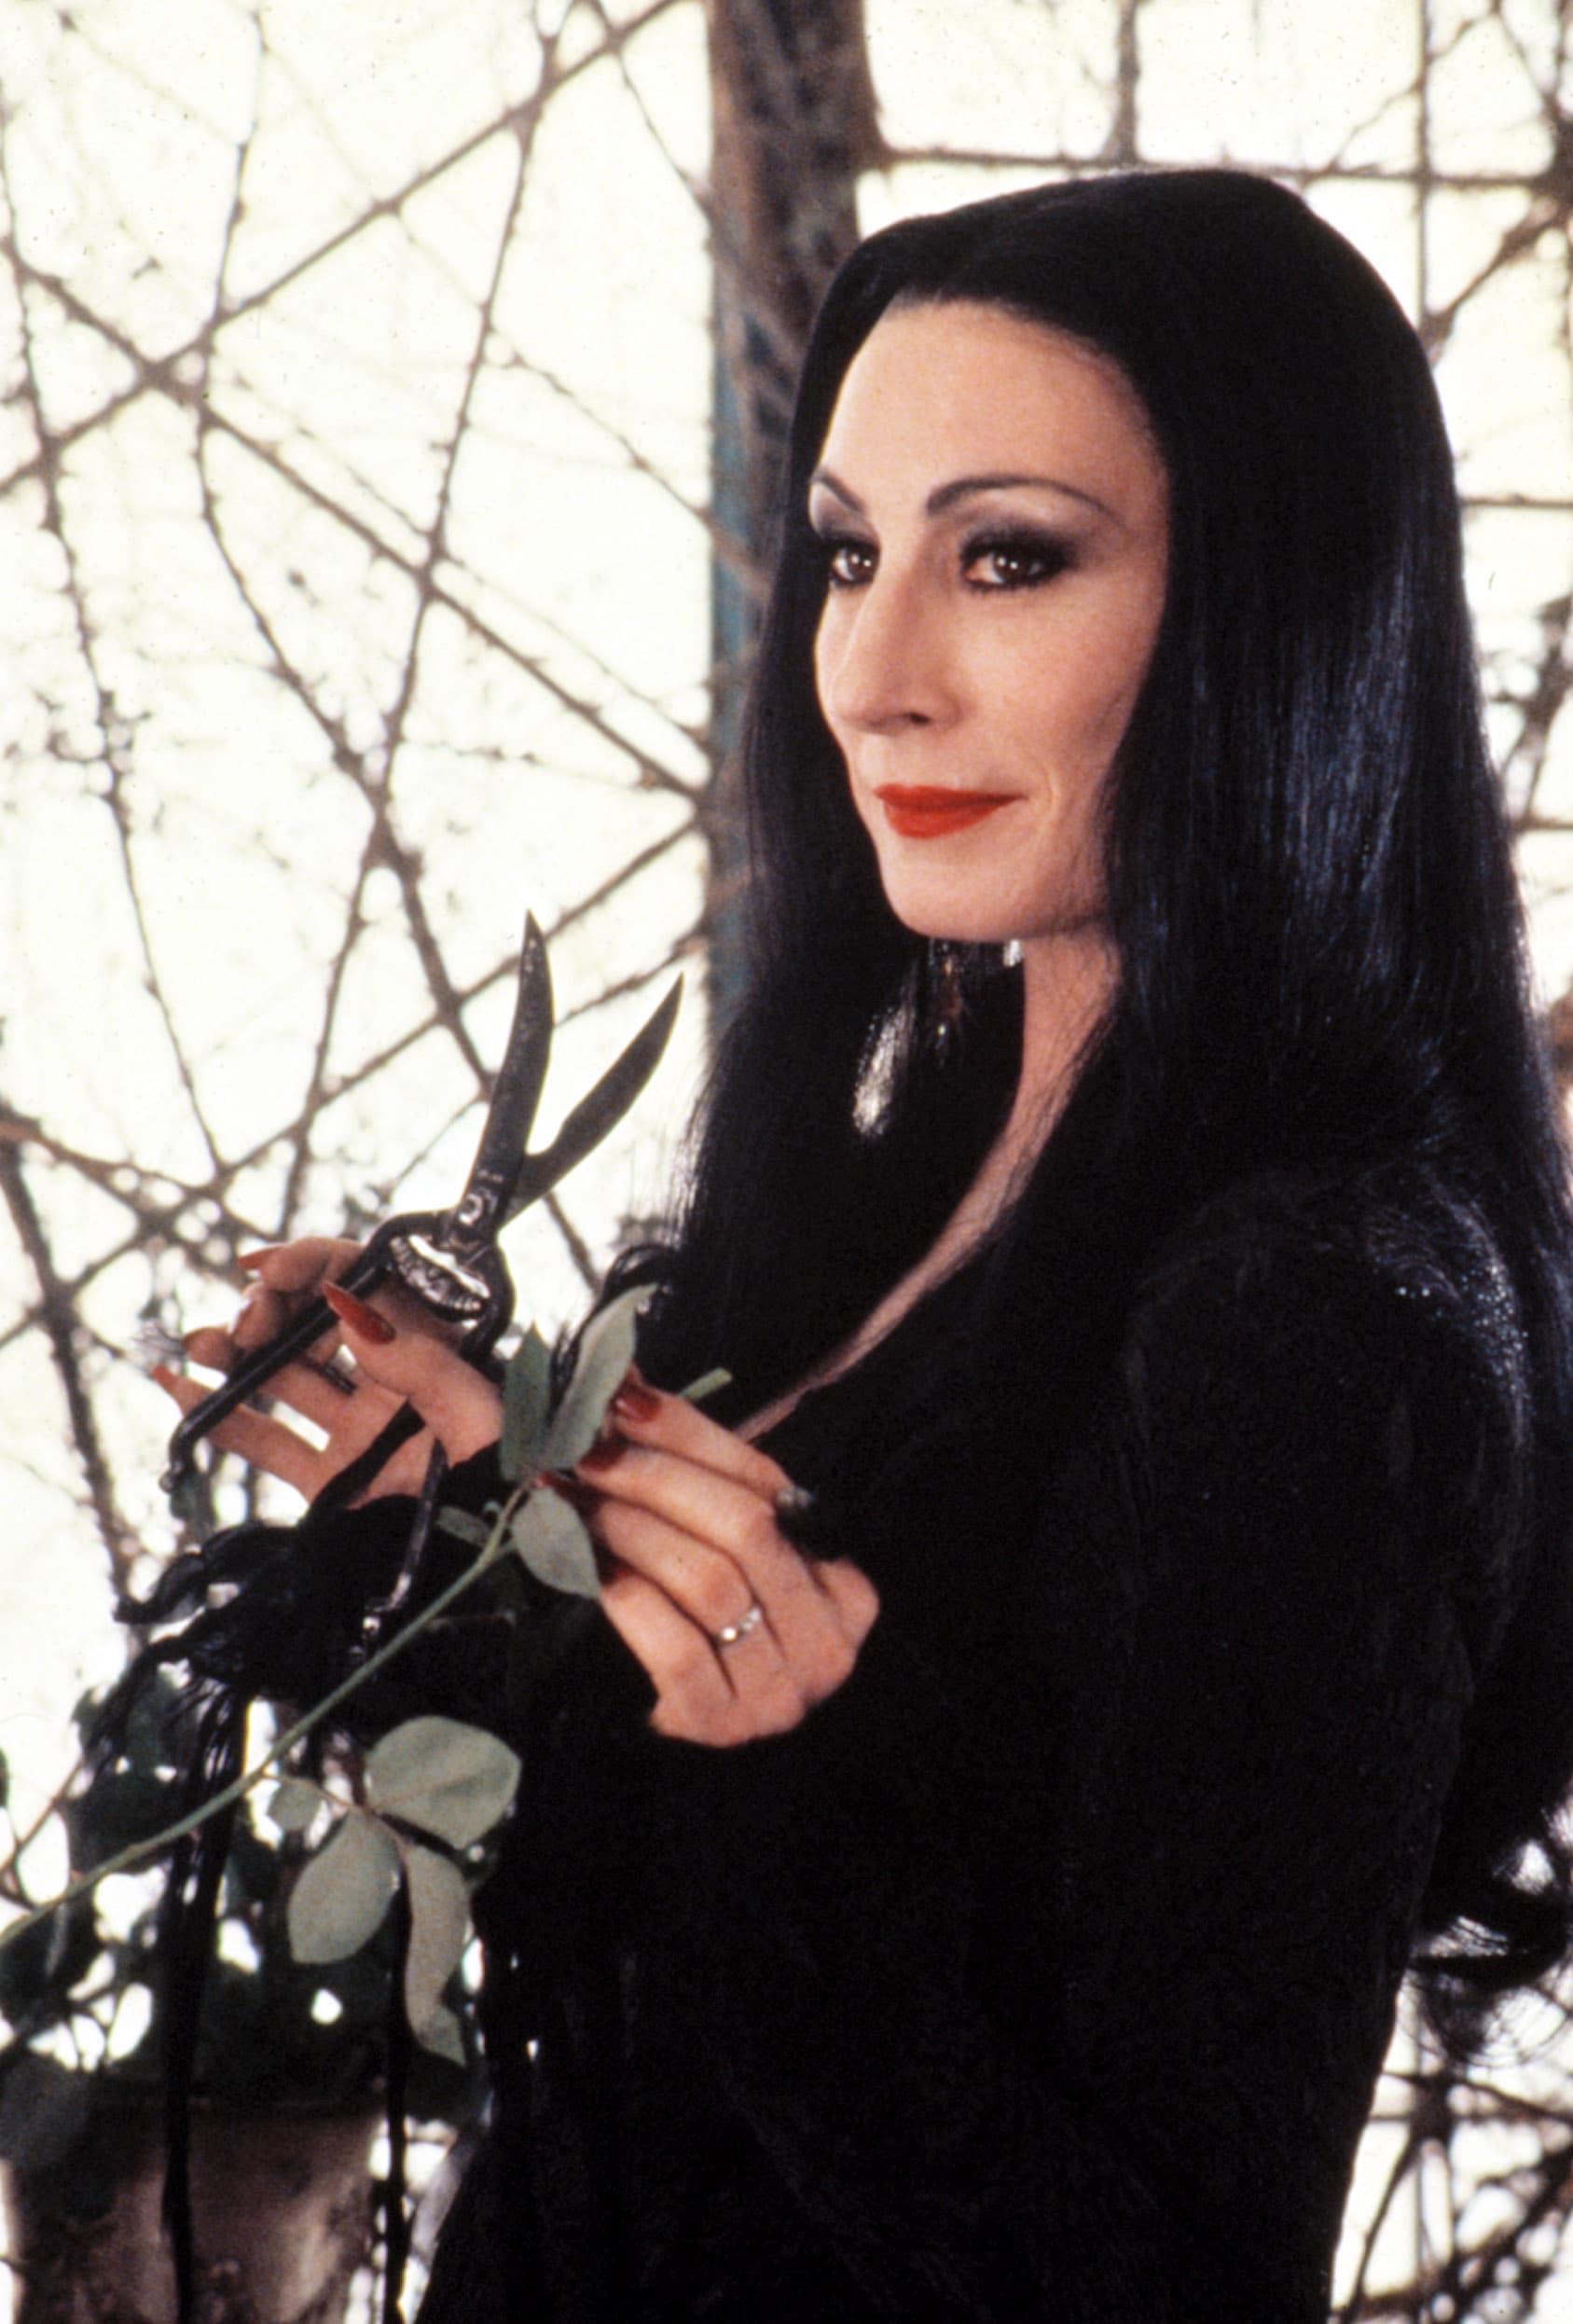 THE ADDAMS FAMILY, Anjelica Huston, 1991 morticia addams